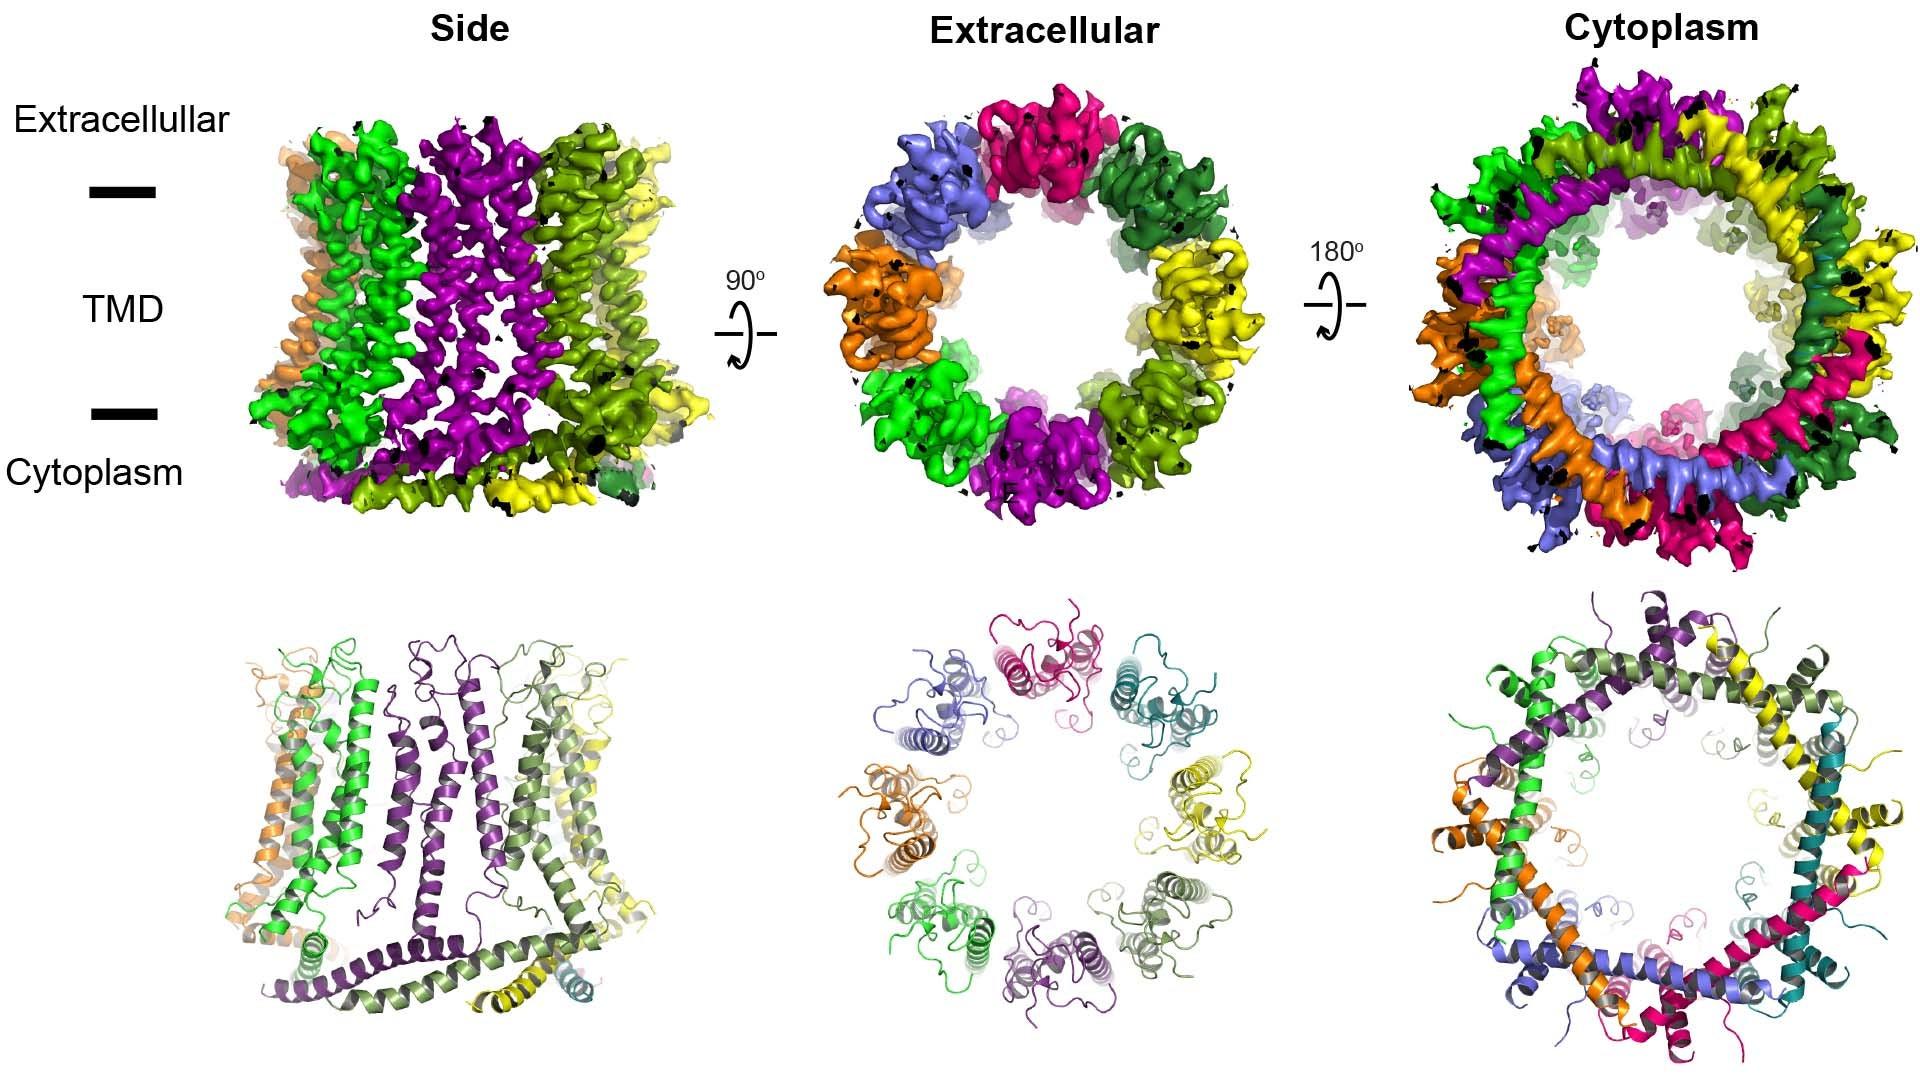 3D image of CALHM (calcium homeostasis modulators) pore